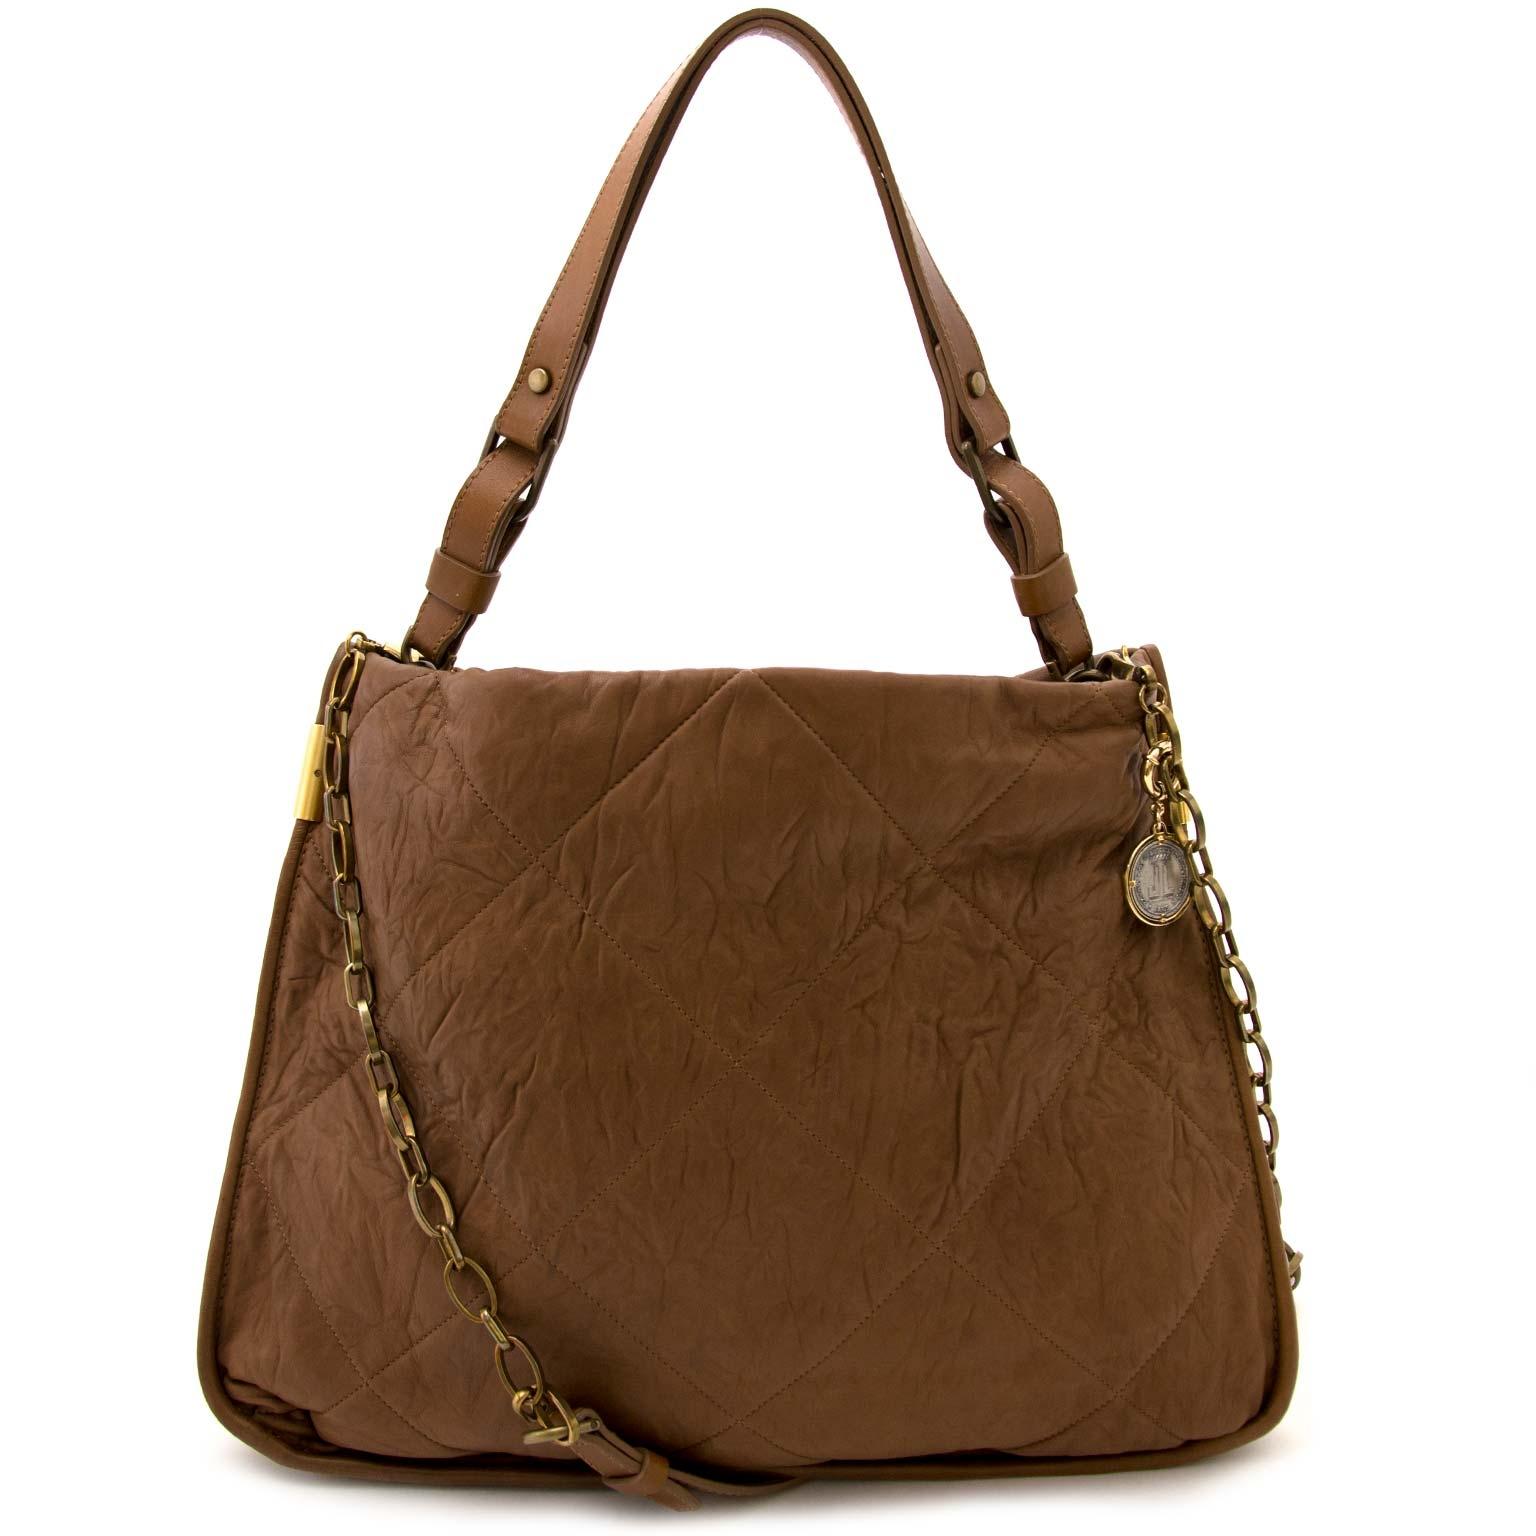 koop online tegen de best eprijs Lanvin Cognac Shouderl Bag